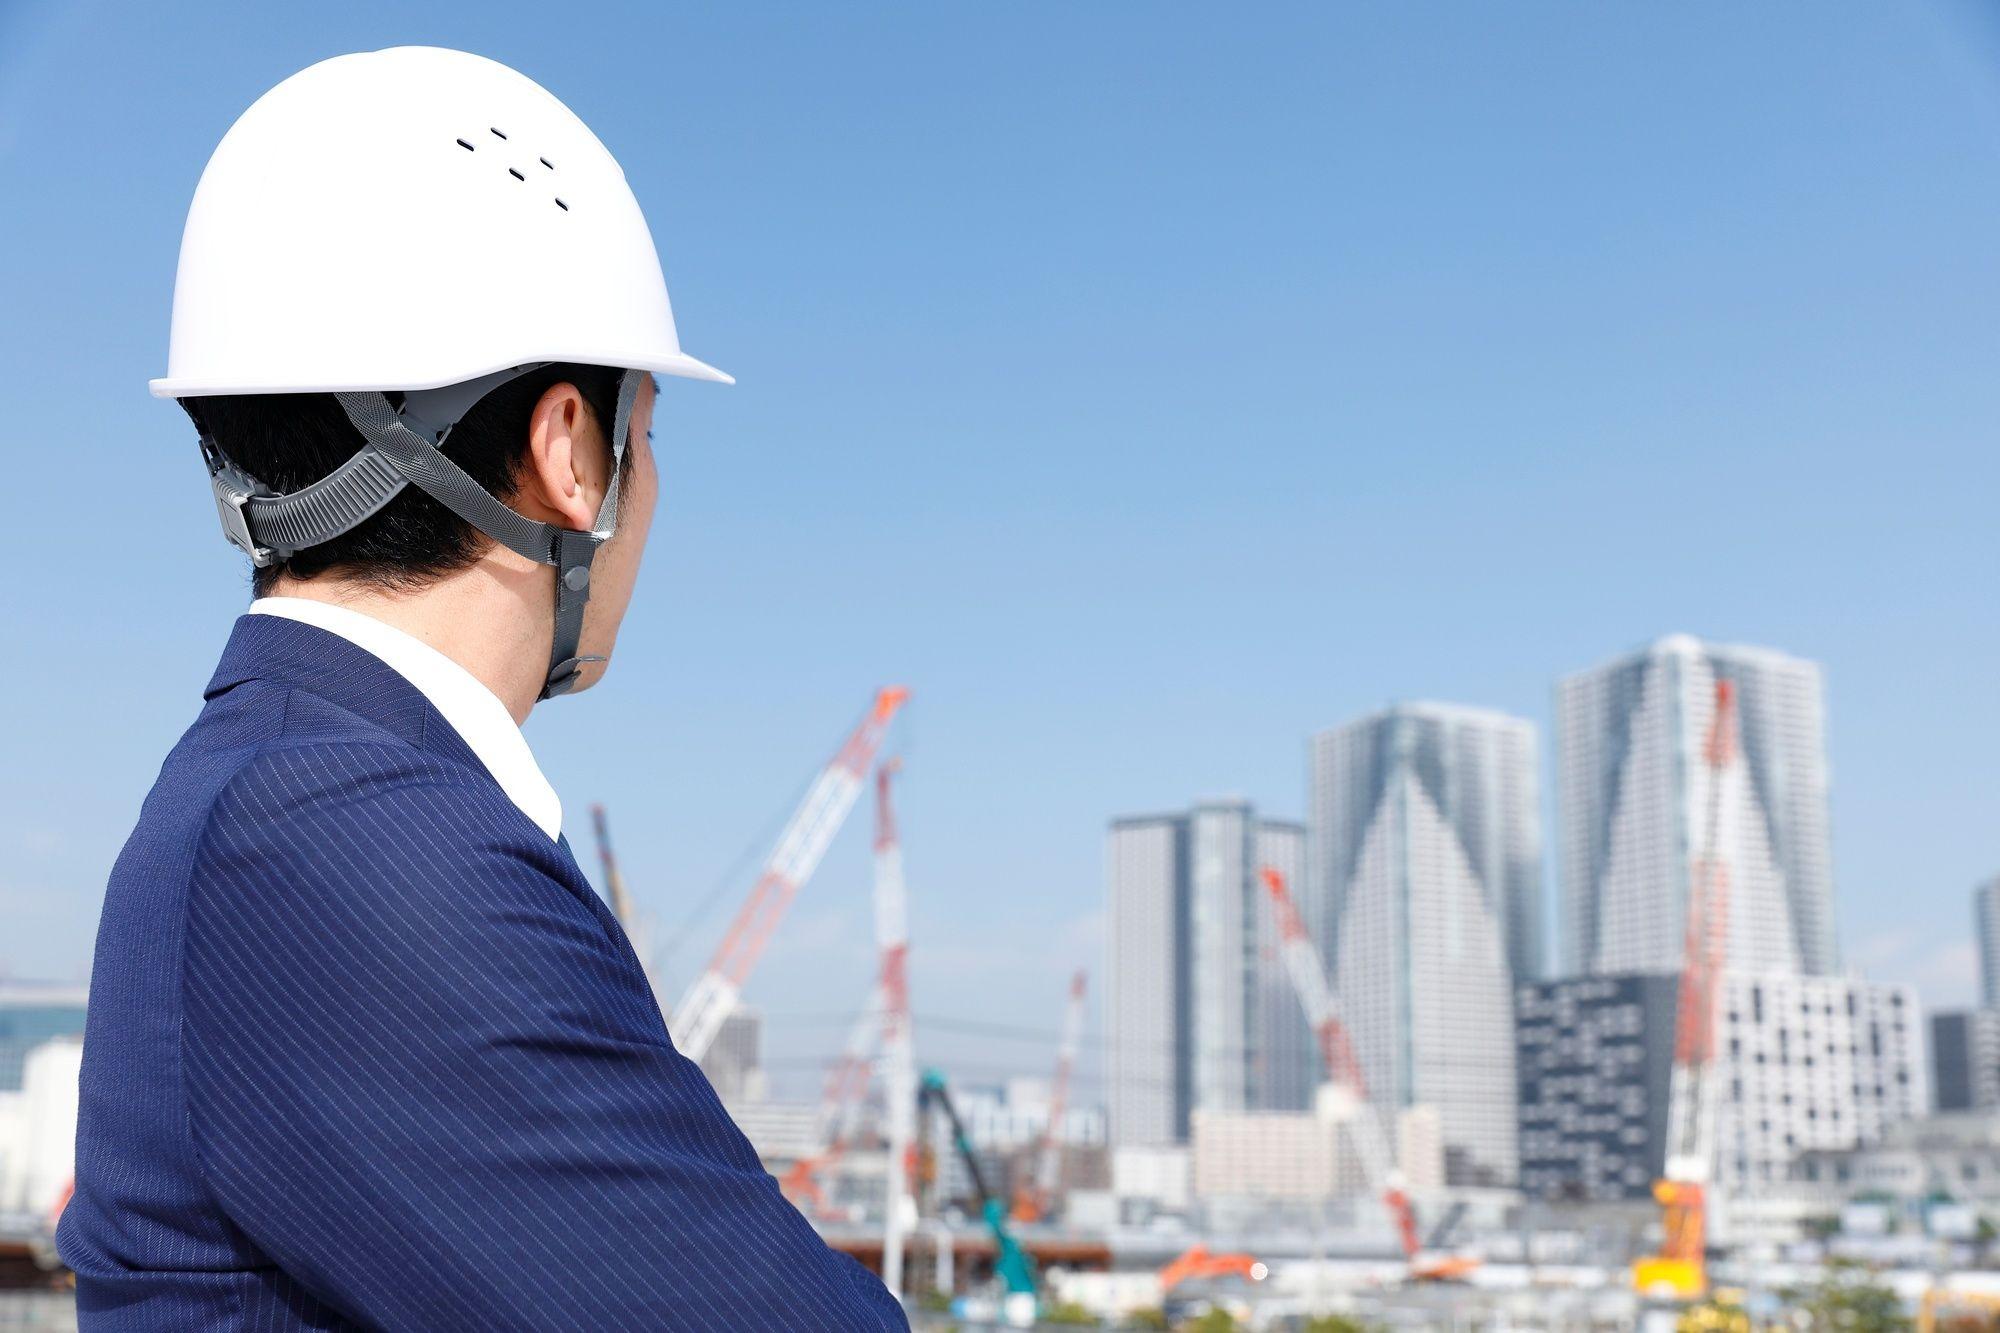 伊藤忠TC建機が東大スタートアップと協業、建機の遠隔操作で災害対応